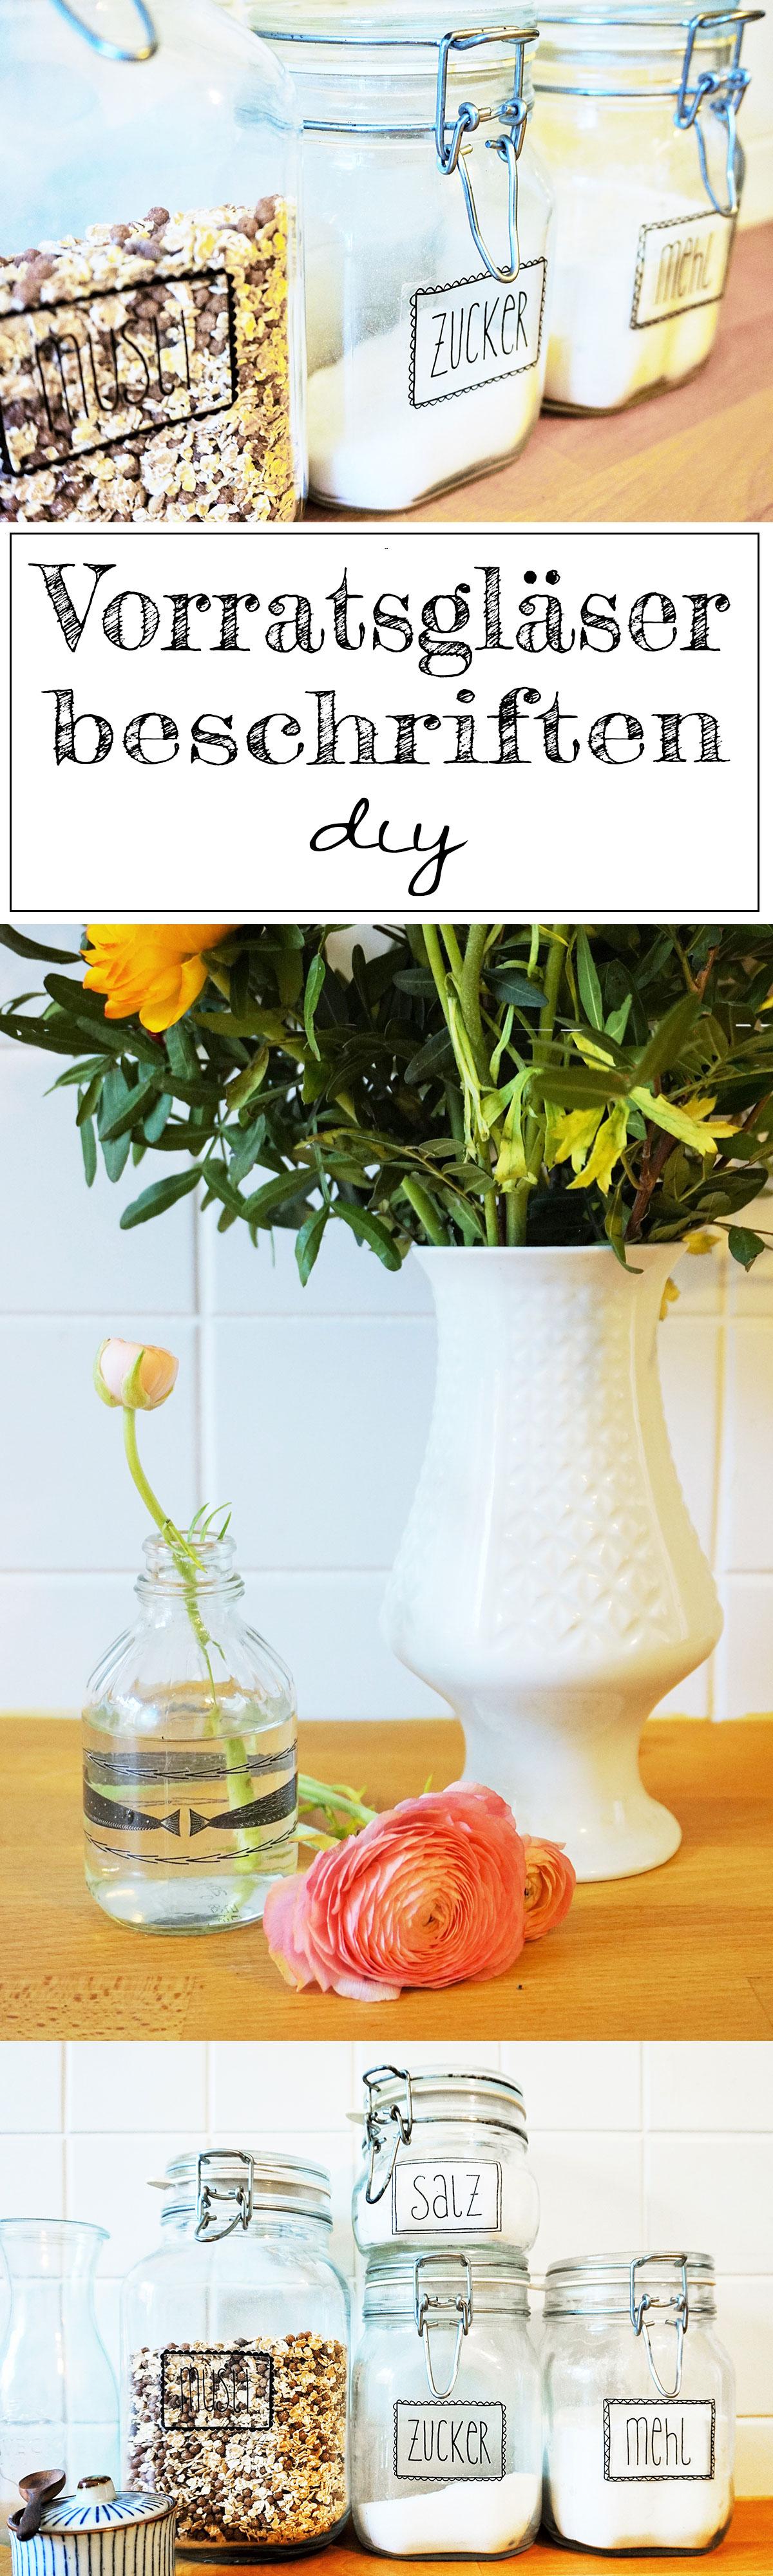 diy labels f r vorratsgl ser und vasen selber machen german blogger diy glas. Black Bedroom Furniture Sets. Home Design Ideas